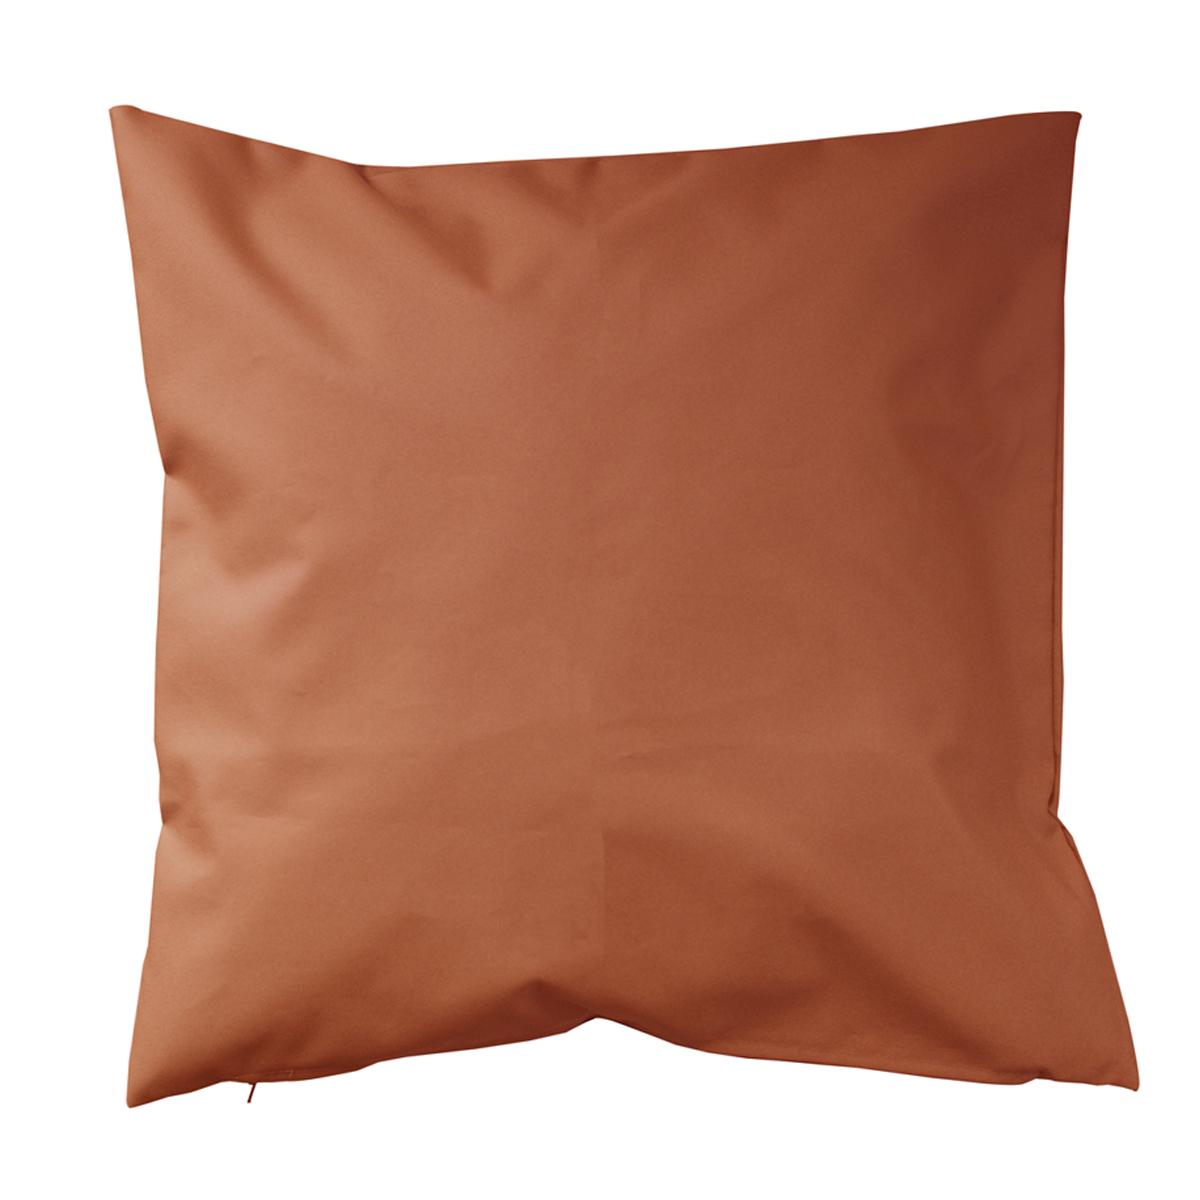 Housse de coussin d'extérieur en tissu outdoor - Orange - 60 x 60 cm